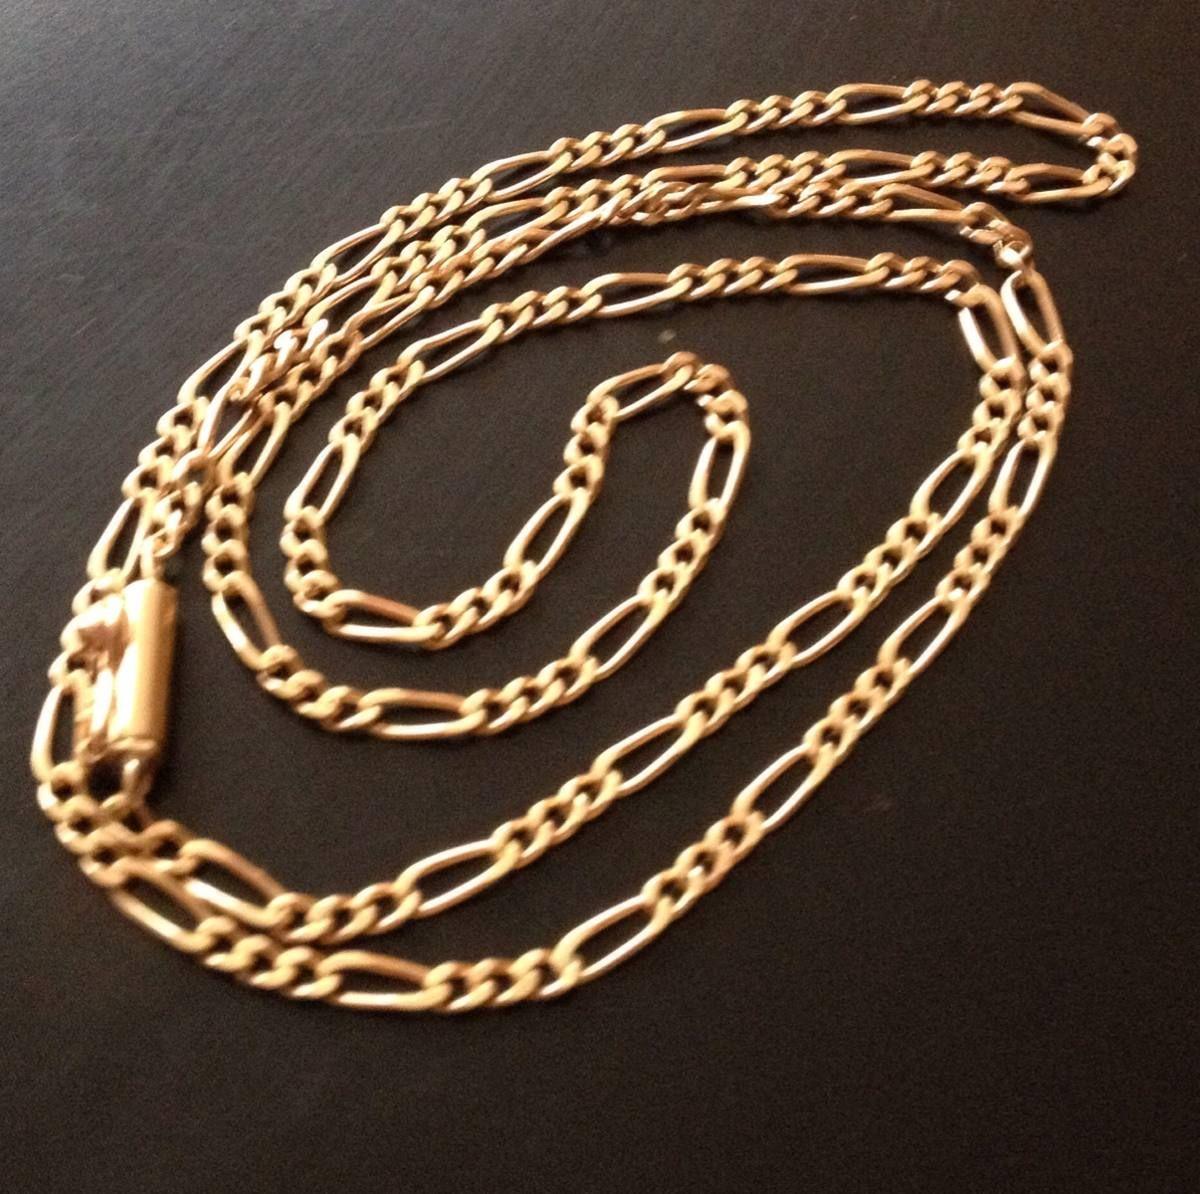 fbe87abc9564 cadena de oro hombre tipo cartier | Cadenas y dijes para varón ...